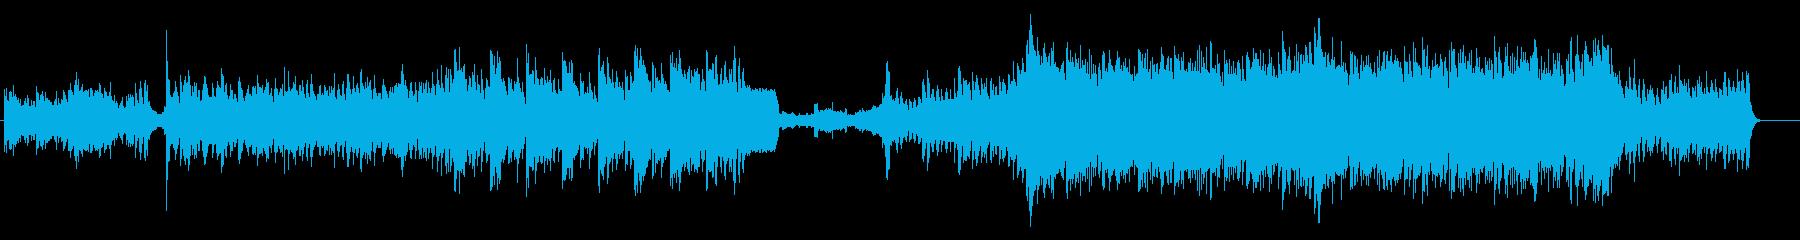 TITAN メロディーなしVerの再生済みの波形